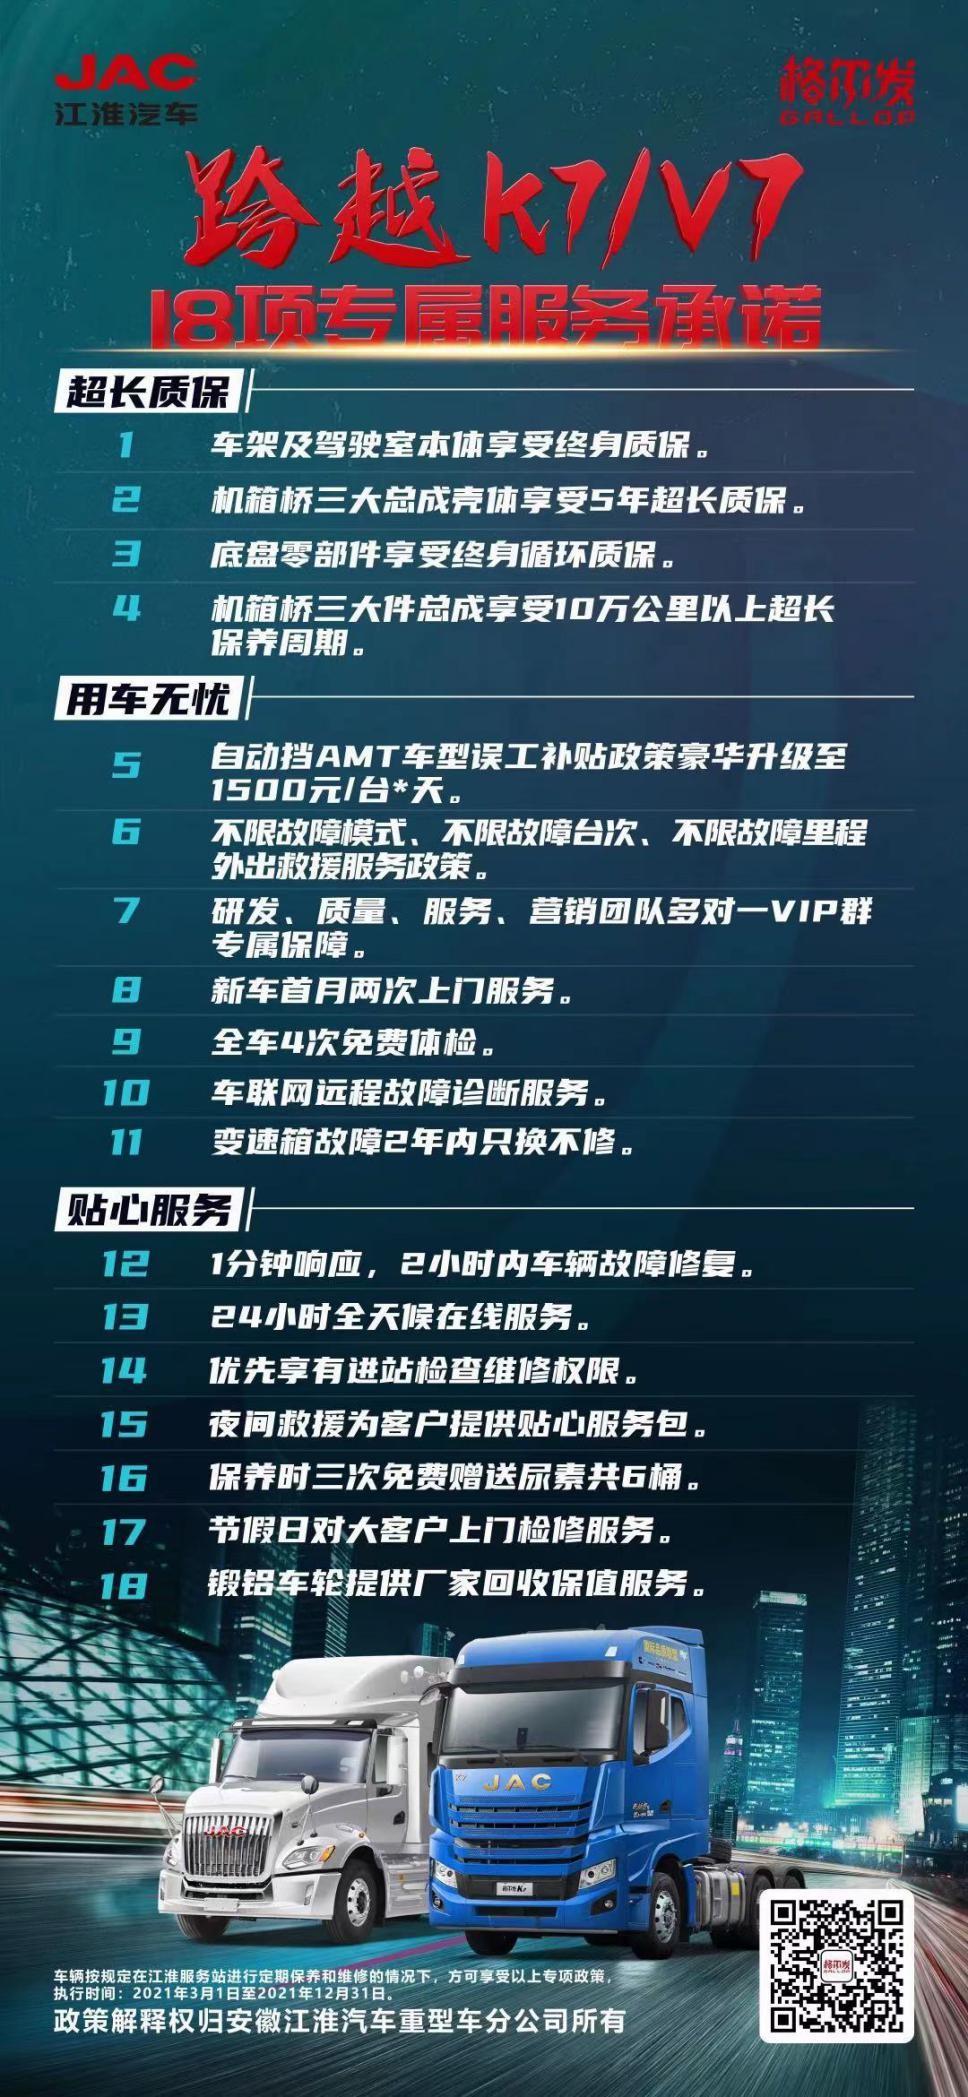 温情护航 江淮格尔发跨越K7/V7推出18项专属服务